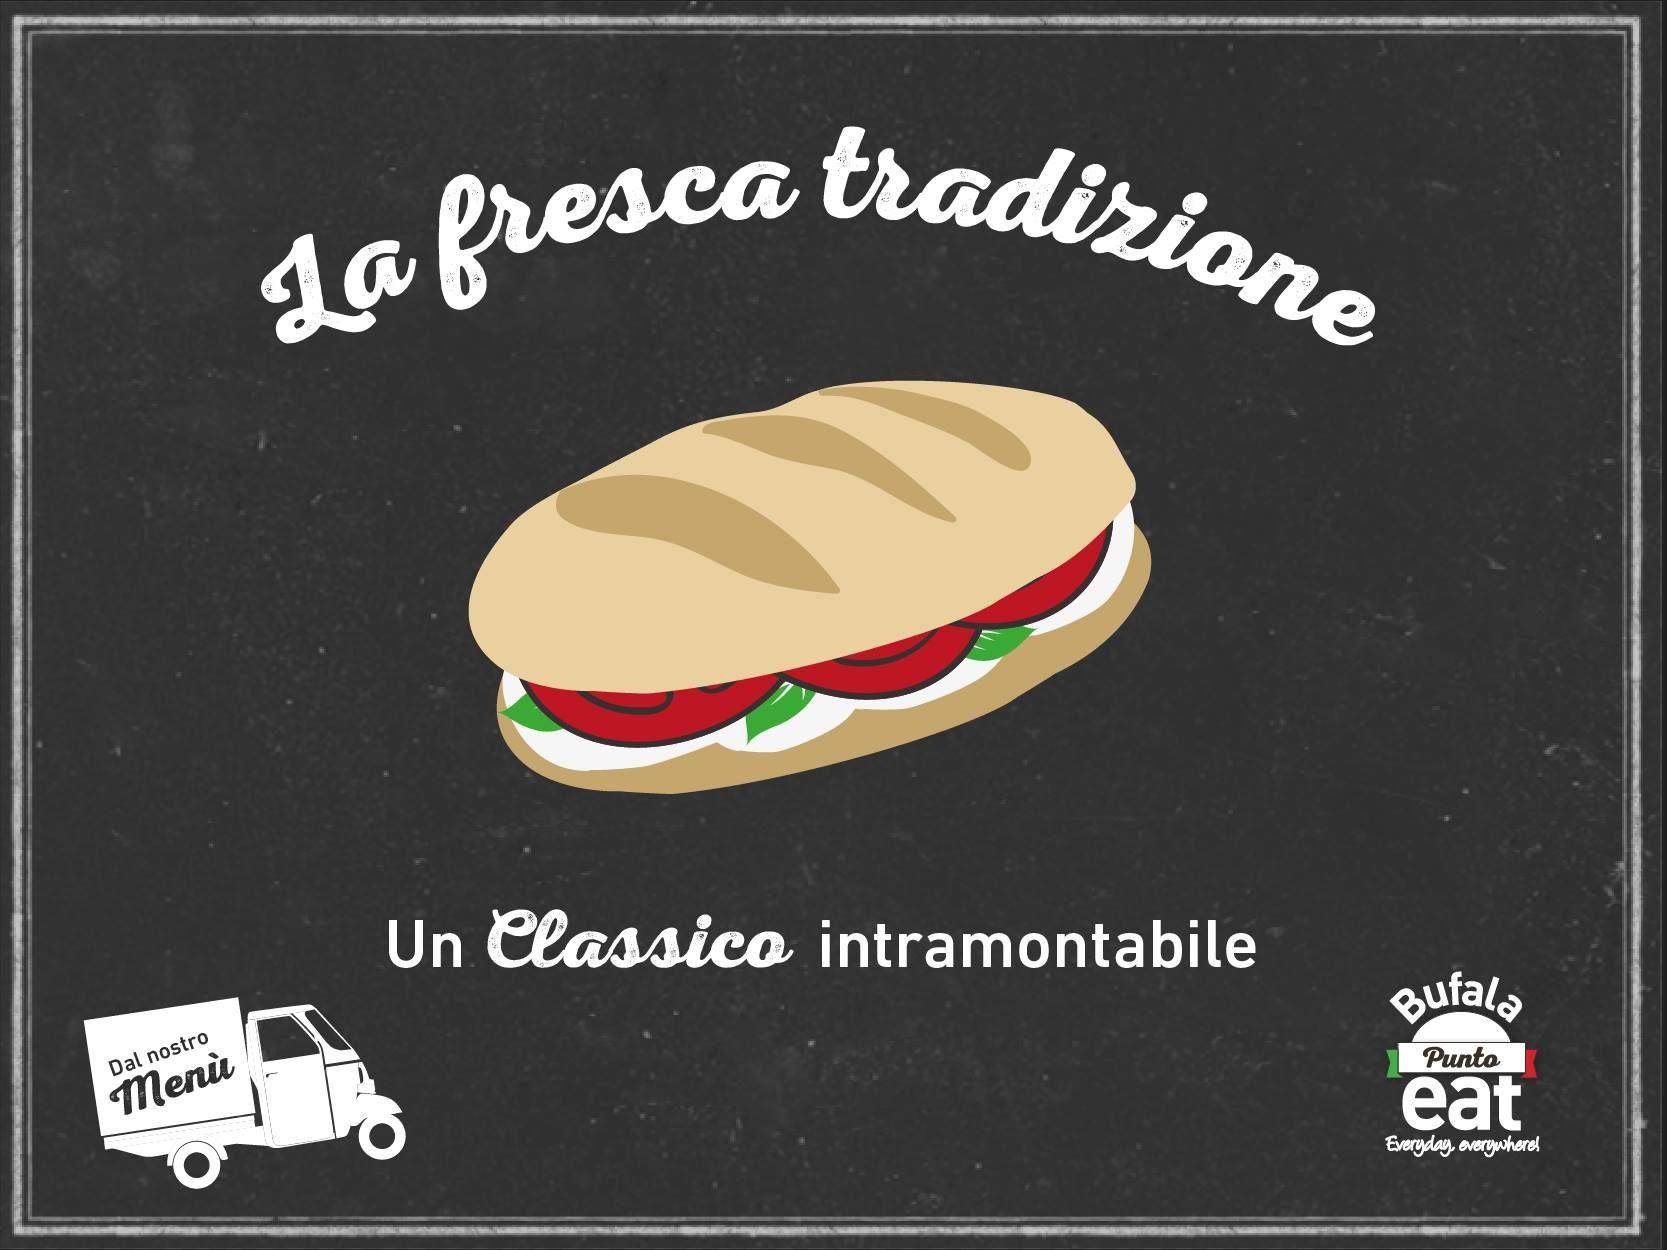 Ecco un Grande Classico: Pane, Pomodoro e Mozzarella a fette, rigorosamente di #Bufala! #streetfood #franchising #laforzadellatradizione